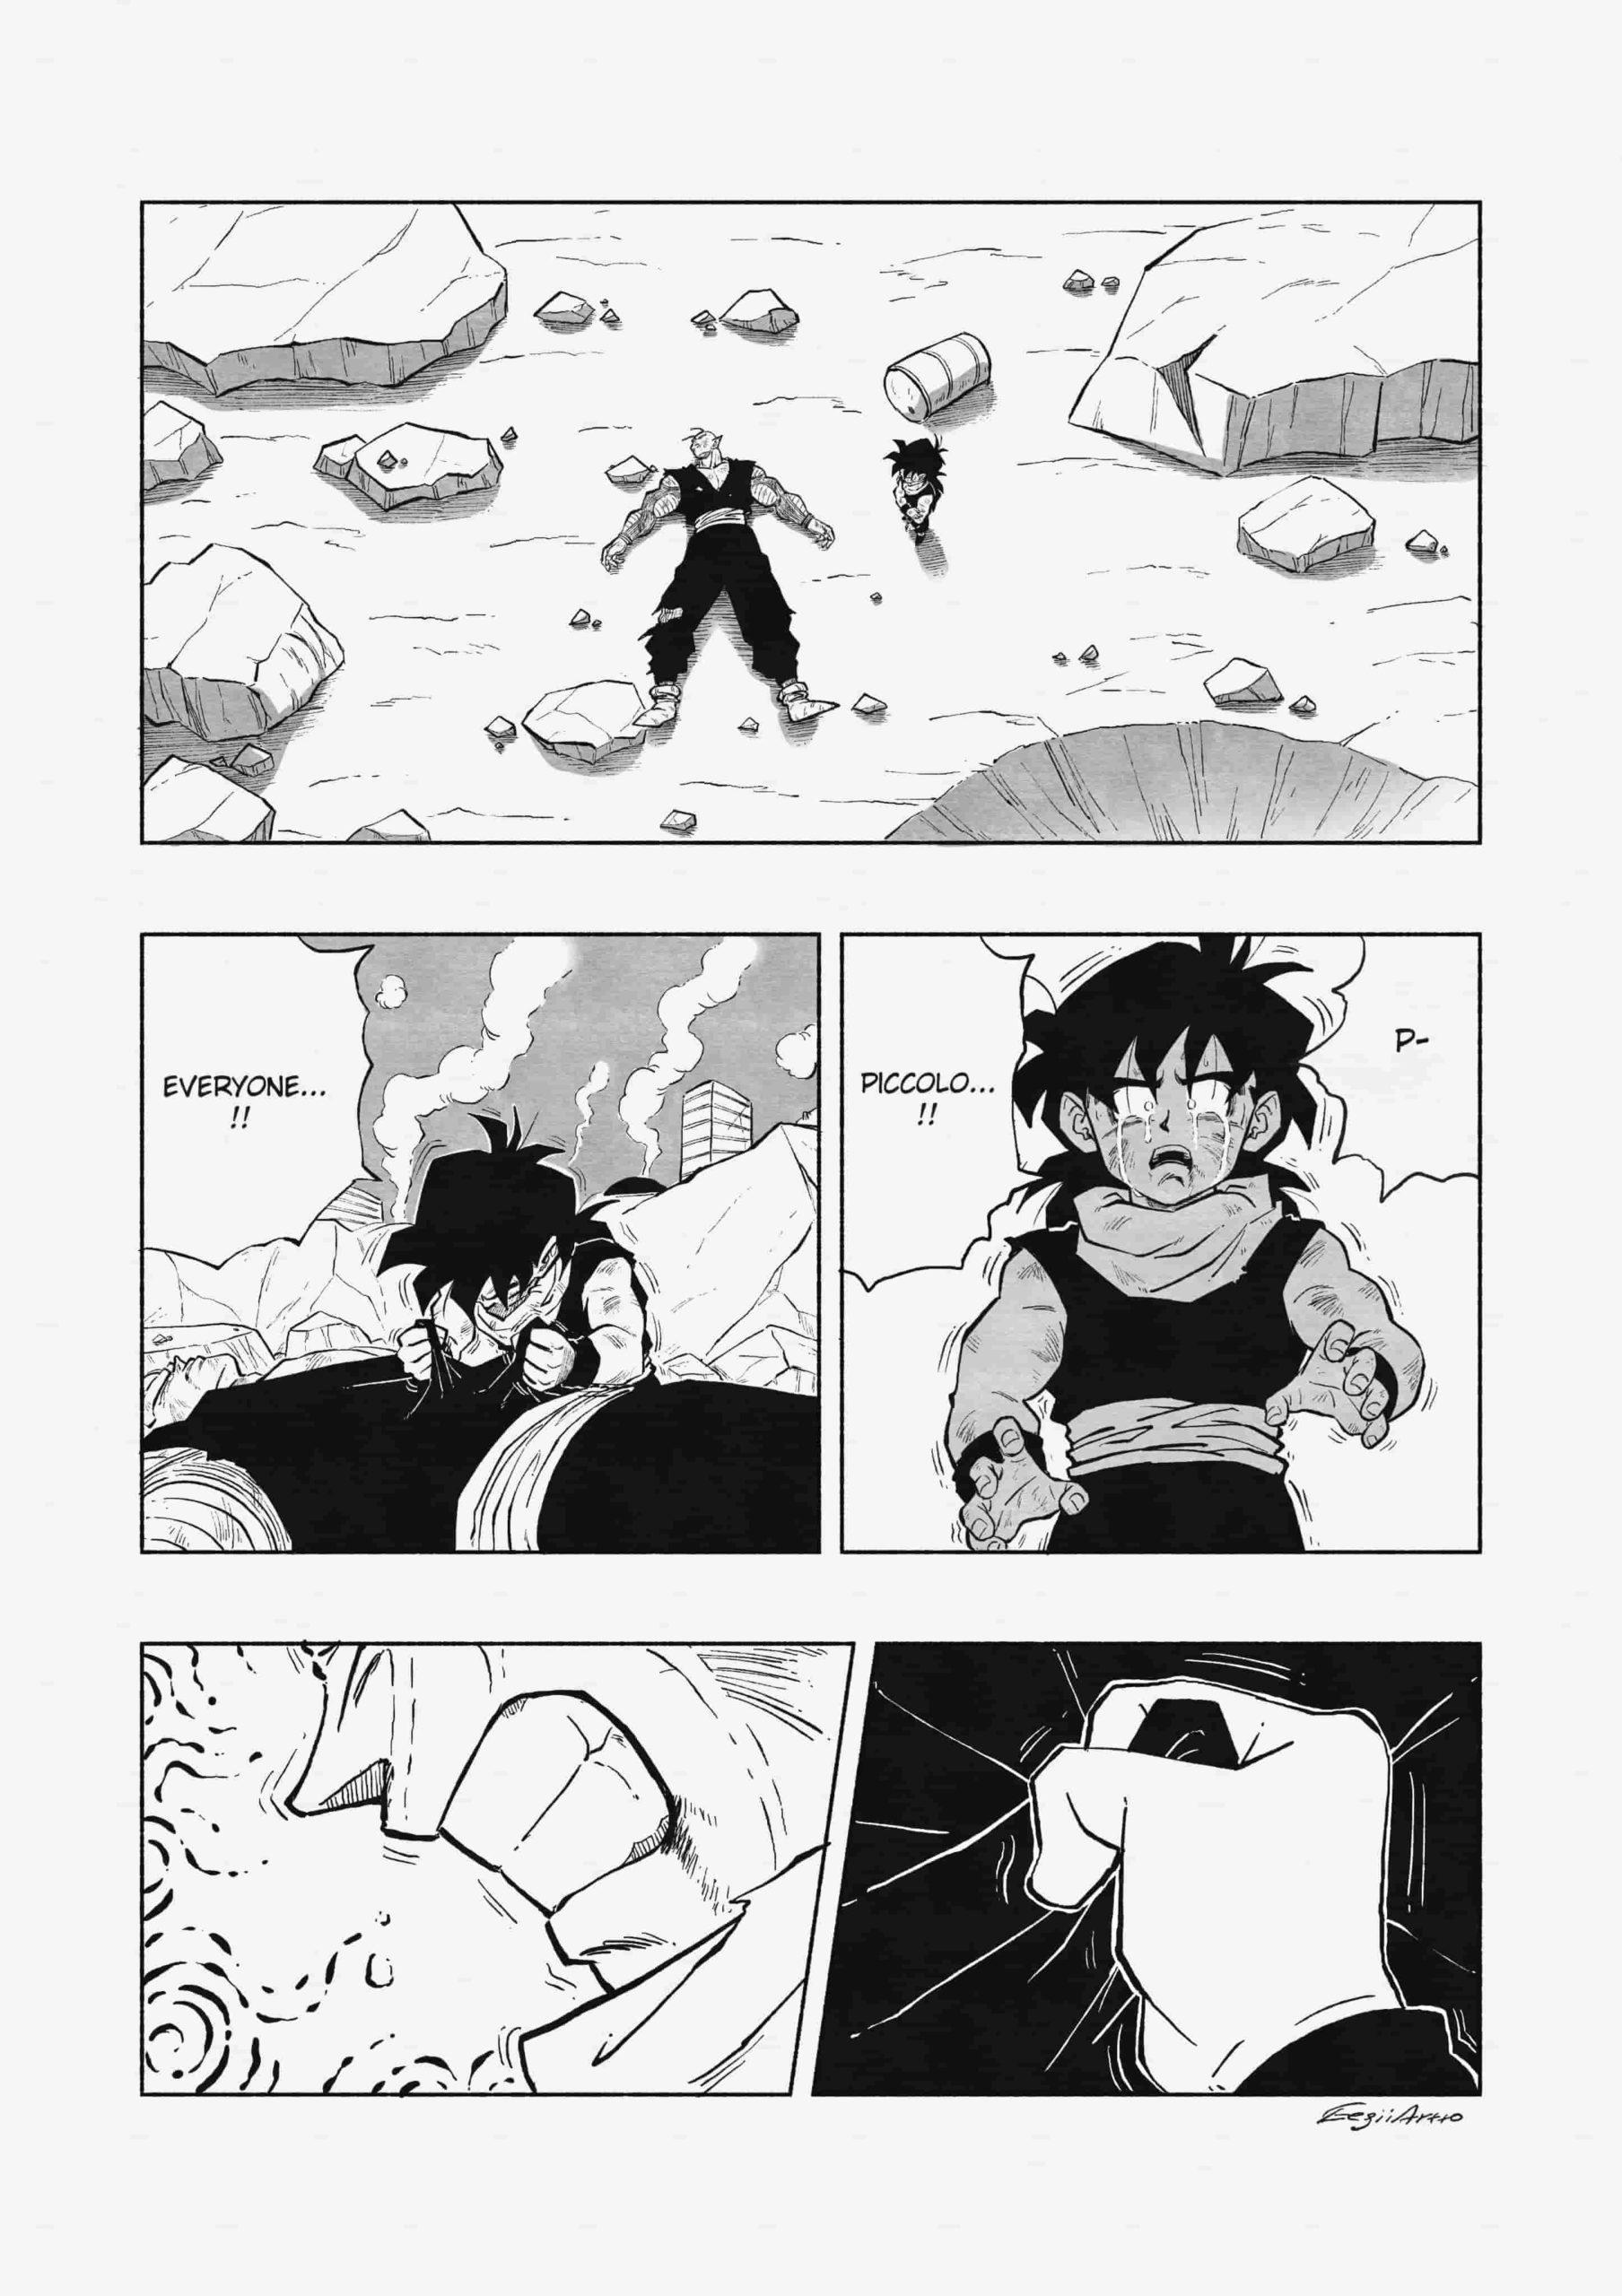 gohan futuro super saiyajin transformacion manga